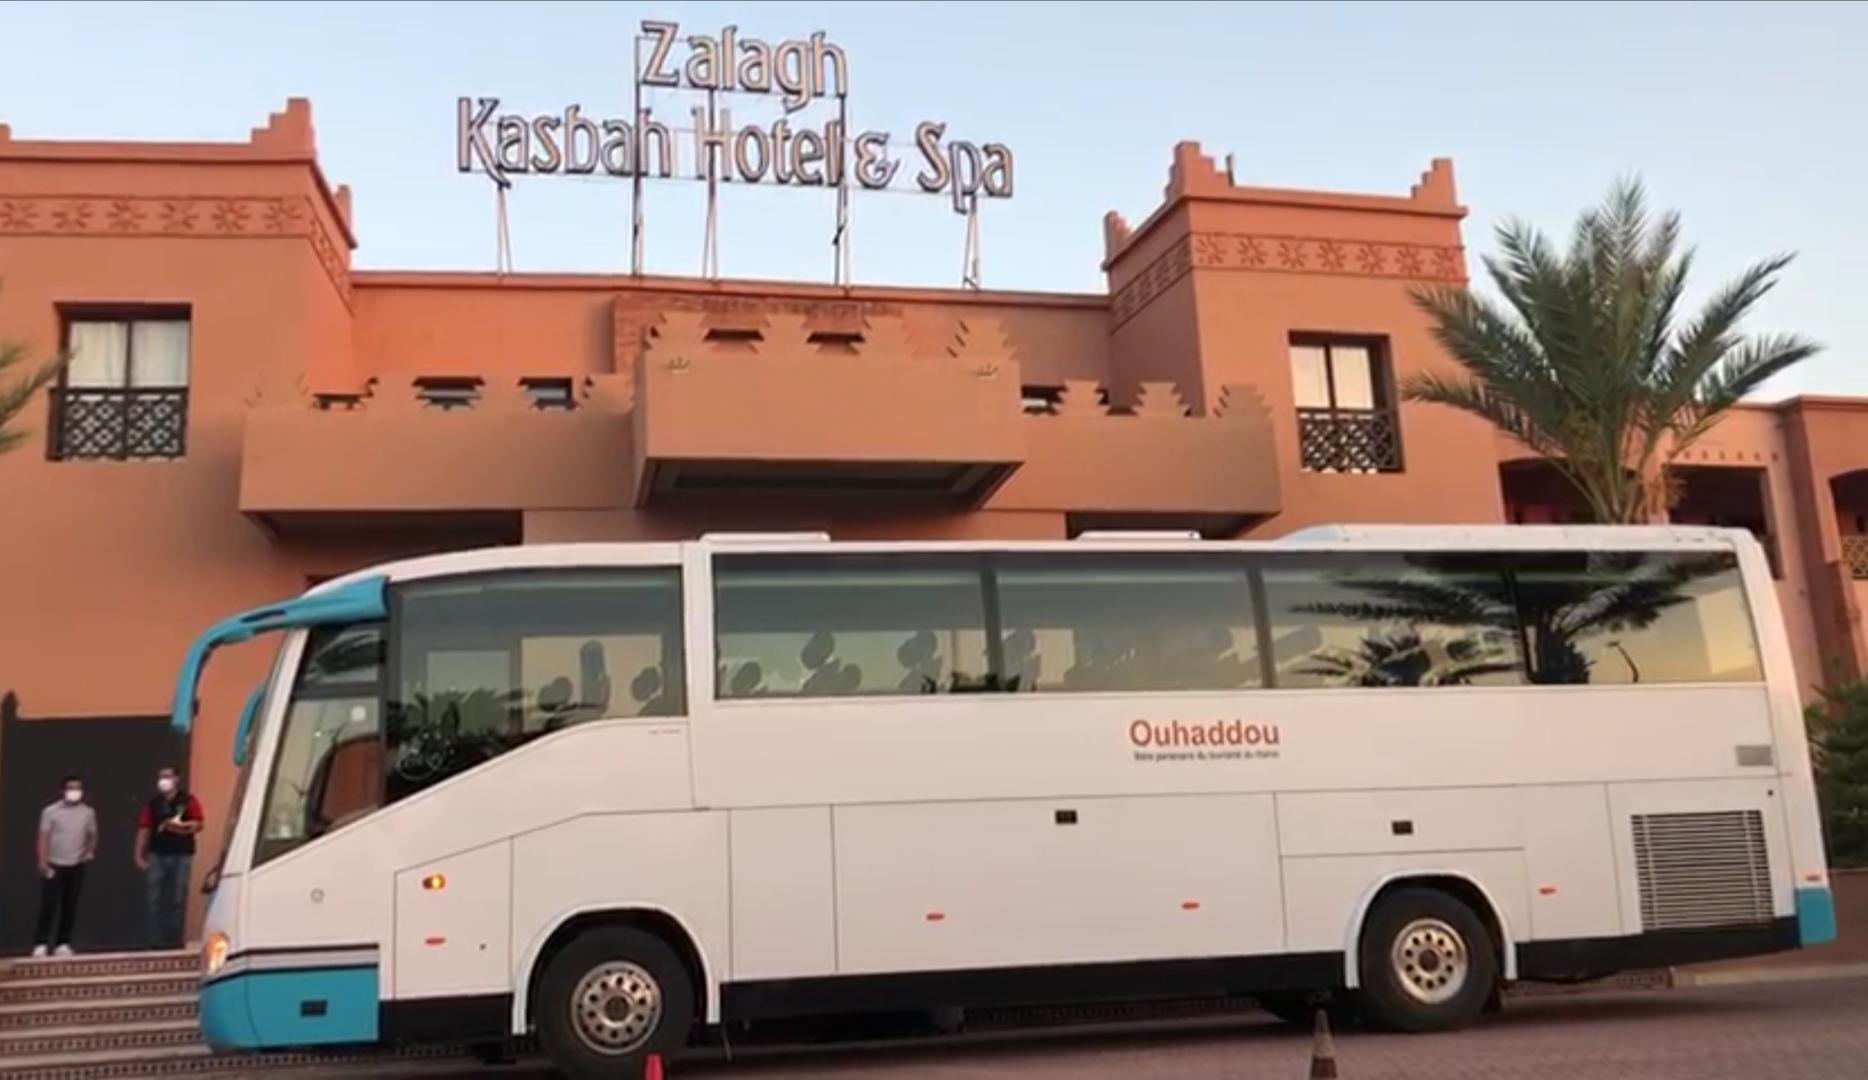 Les rapatriés marocains reçus en VIP au Zalagh Marrakech